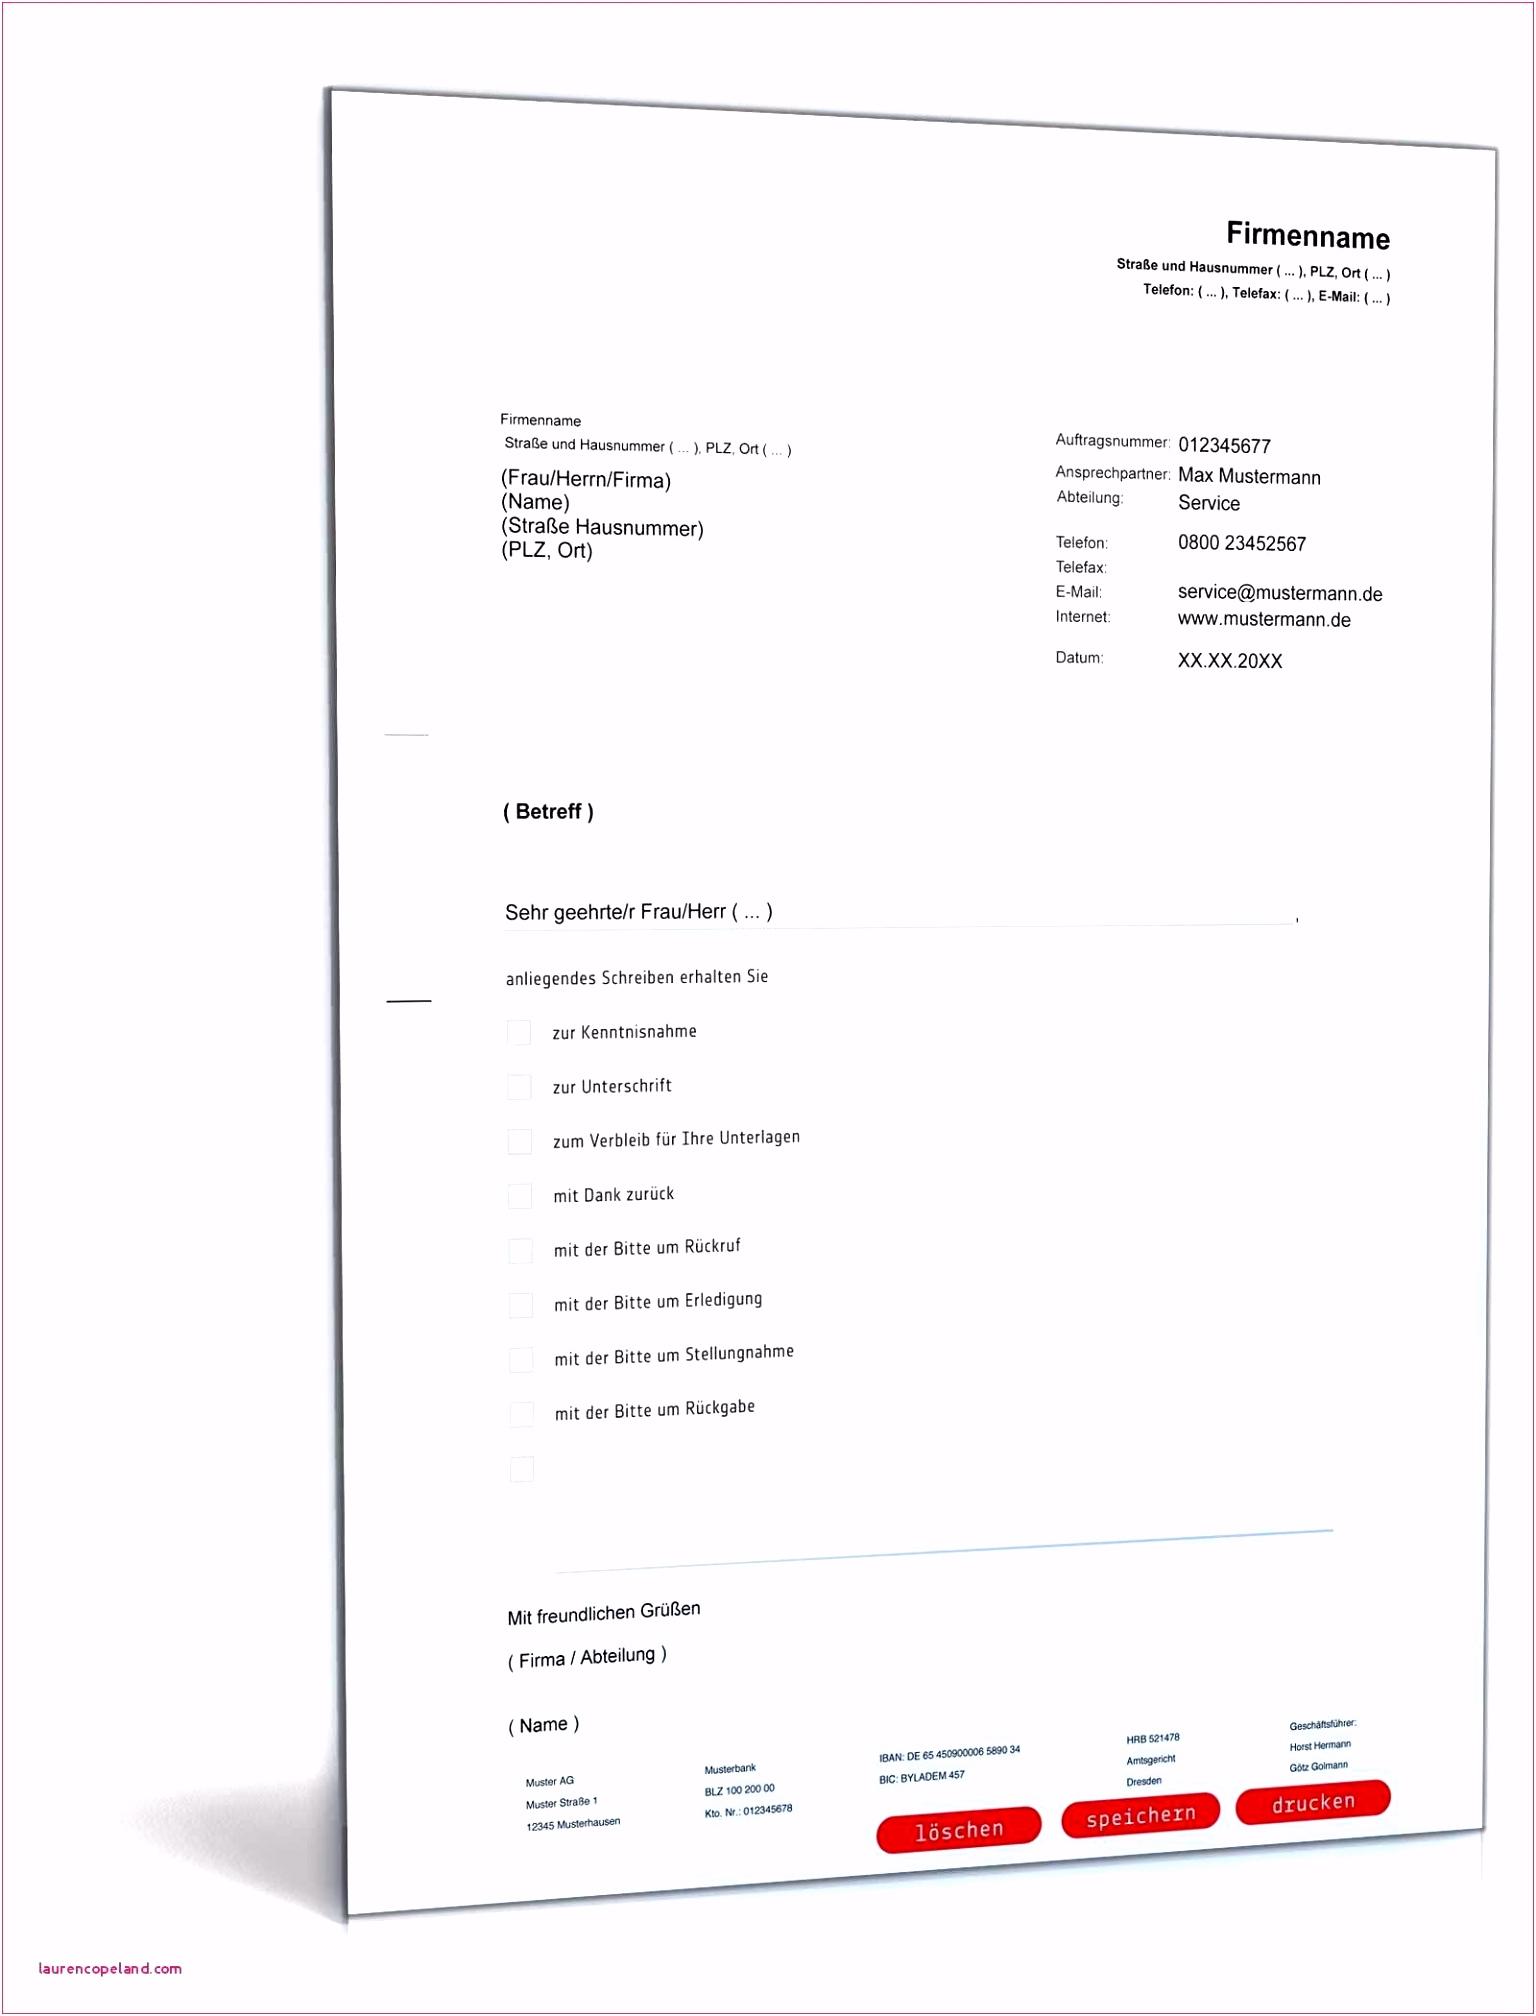 telefonnotiz vorlage Archives Vorlage Bewerbung Ausbildung